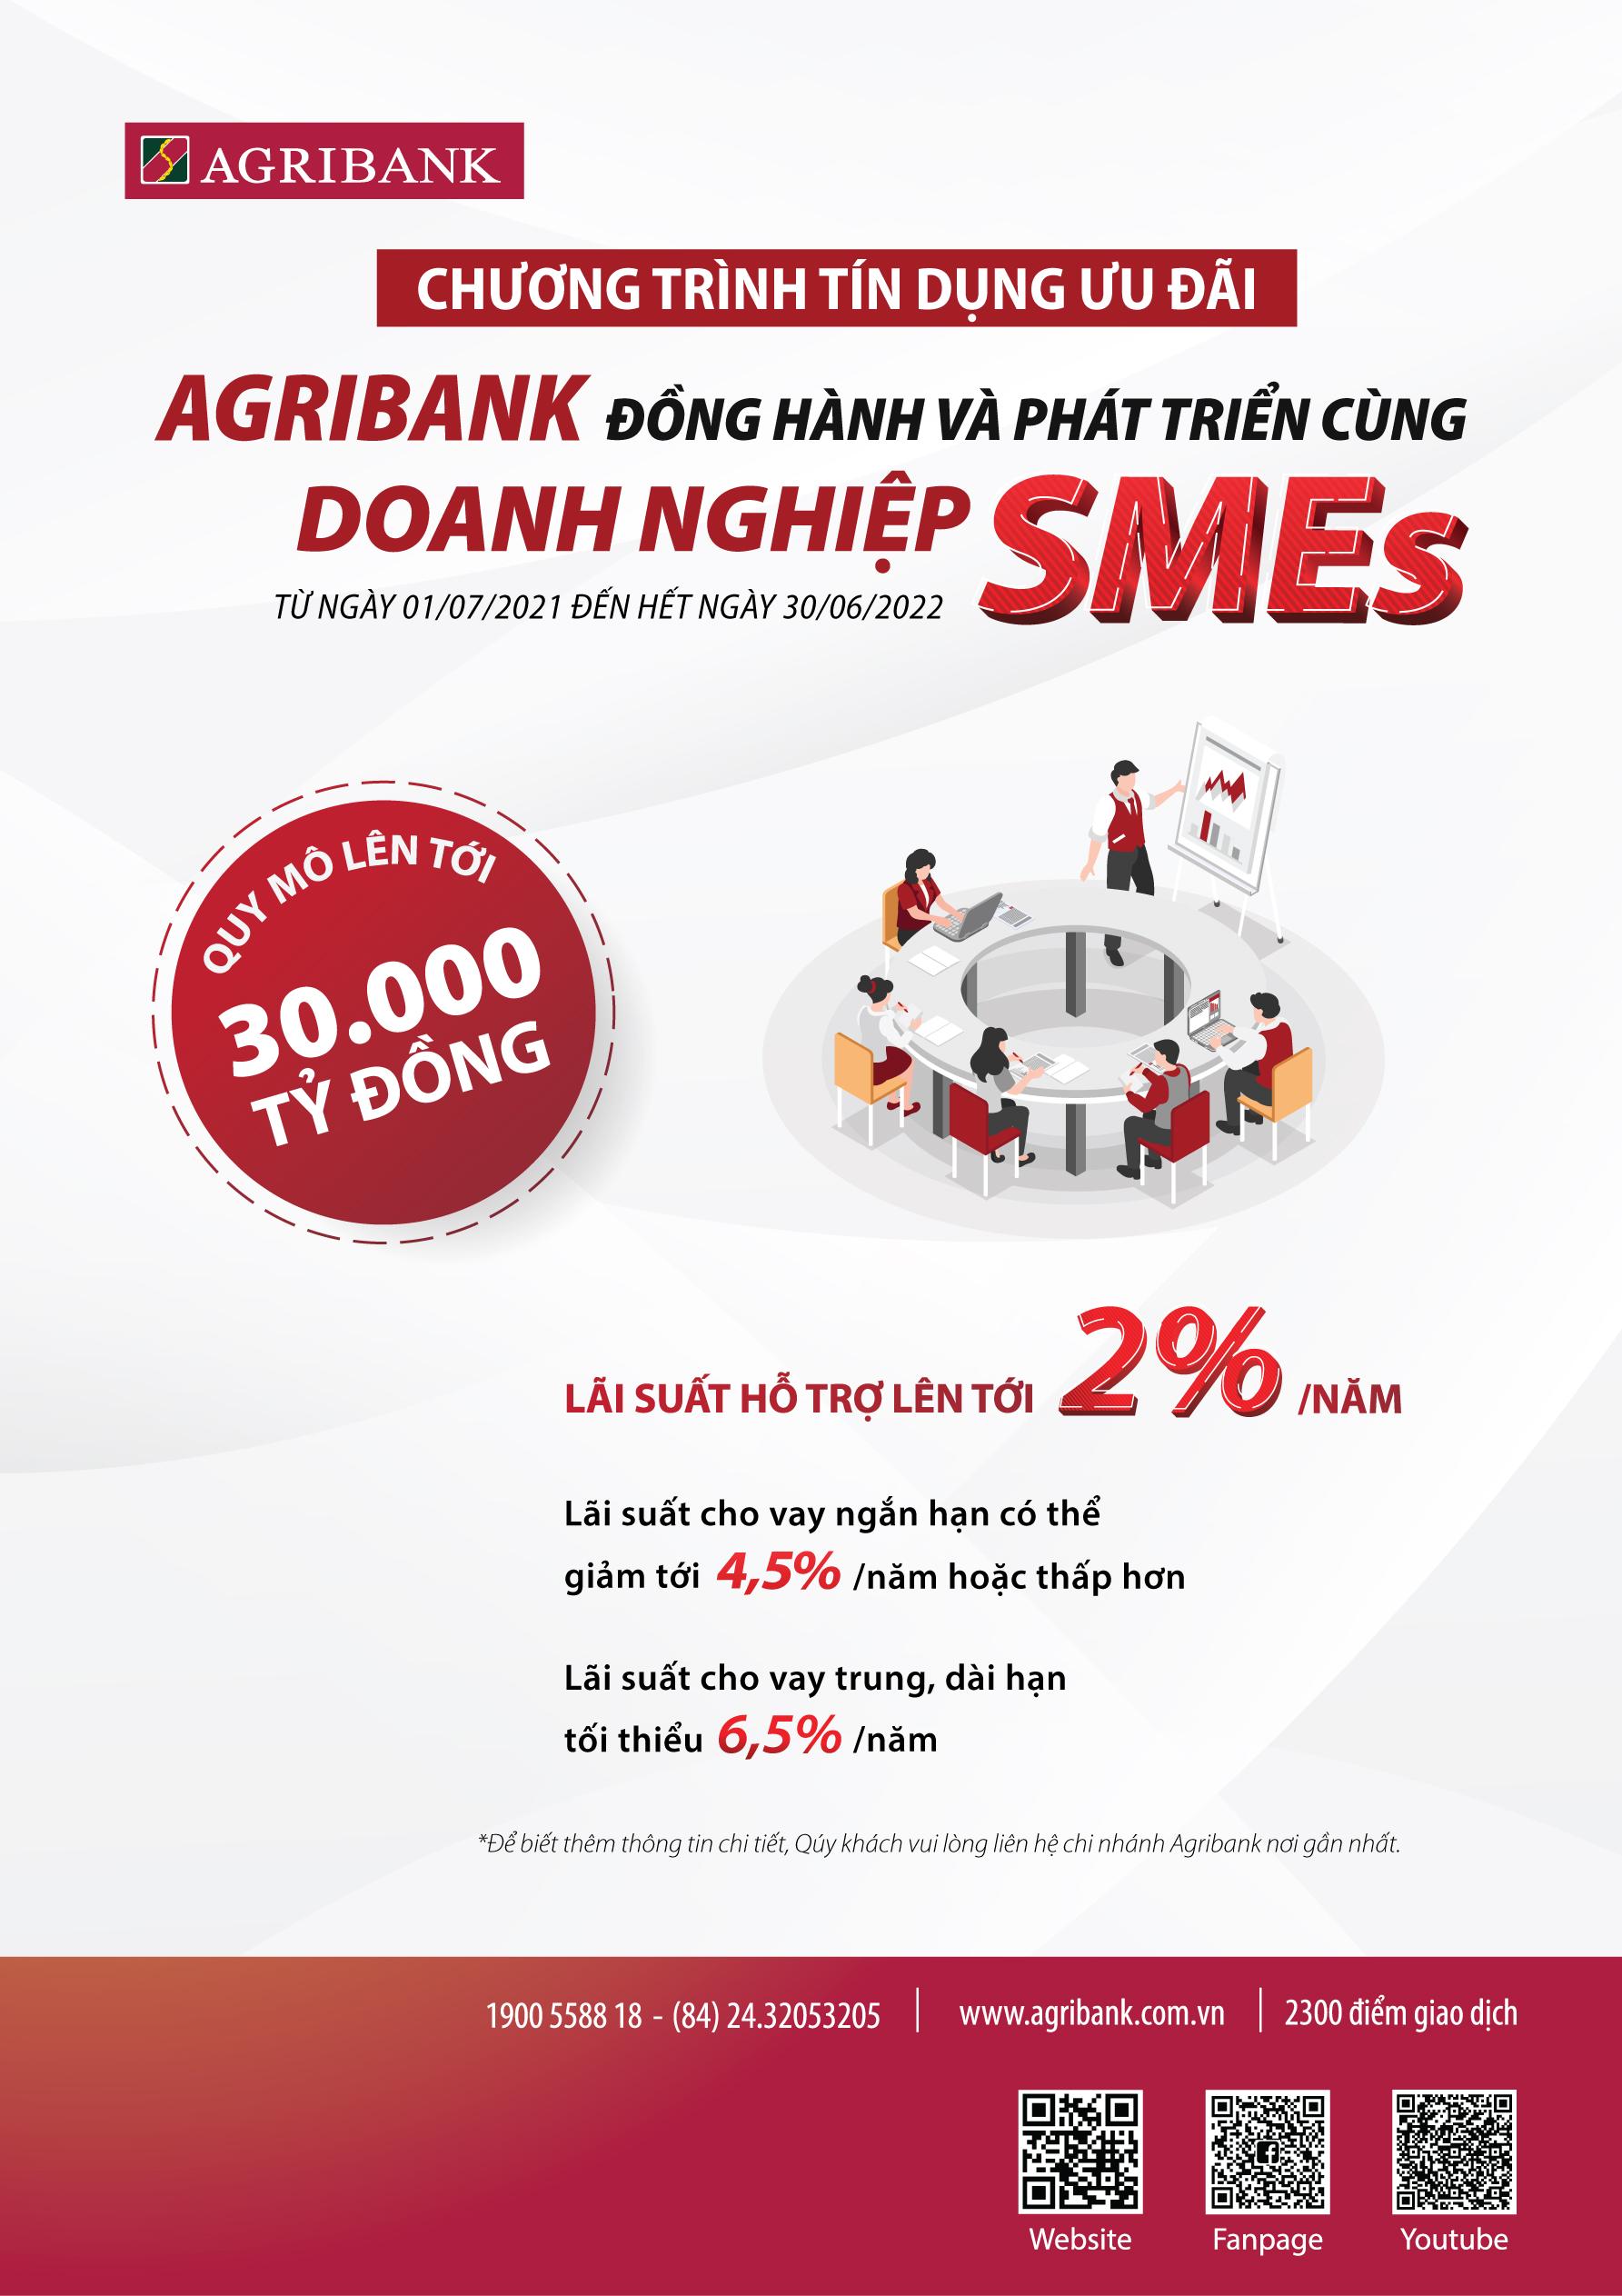 Agribank tiếp tục dành 30.000 tỷ đồng để đồng hành và phát triển cùng doanh nghiệp SMEs - Ảnh 1